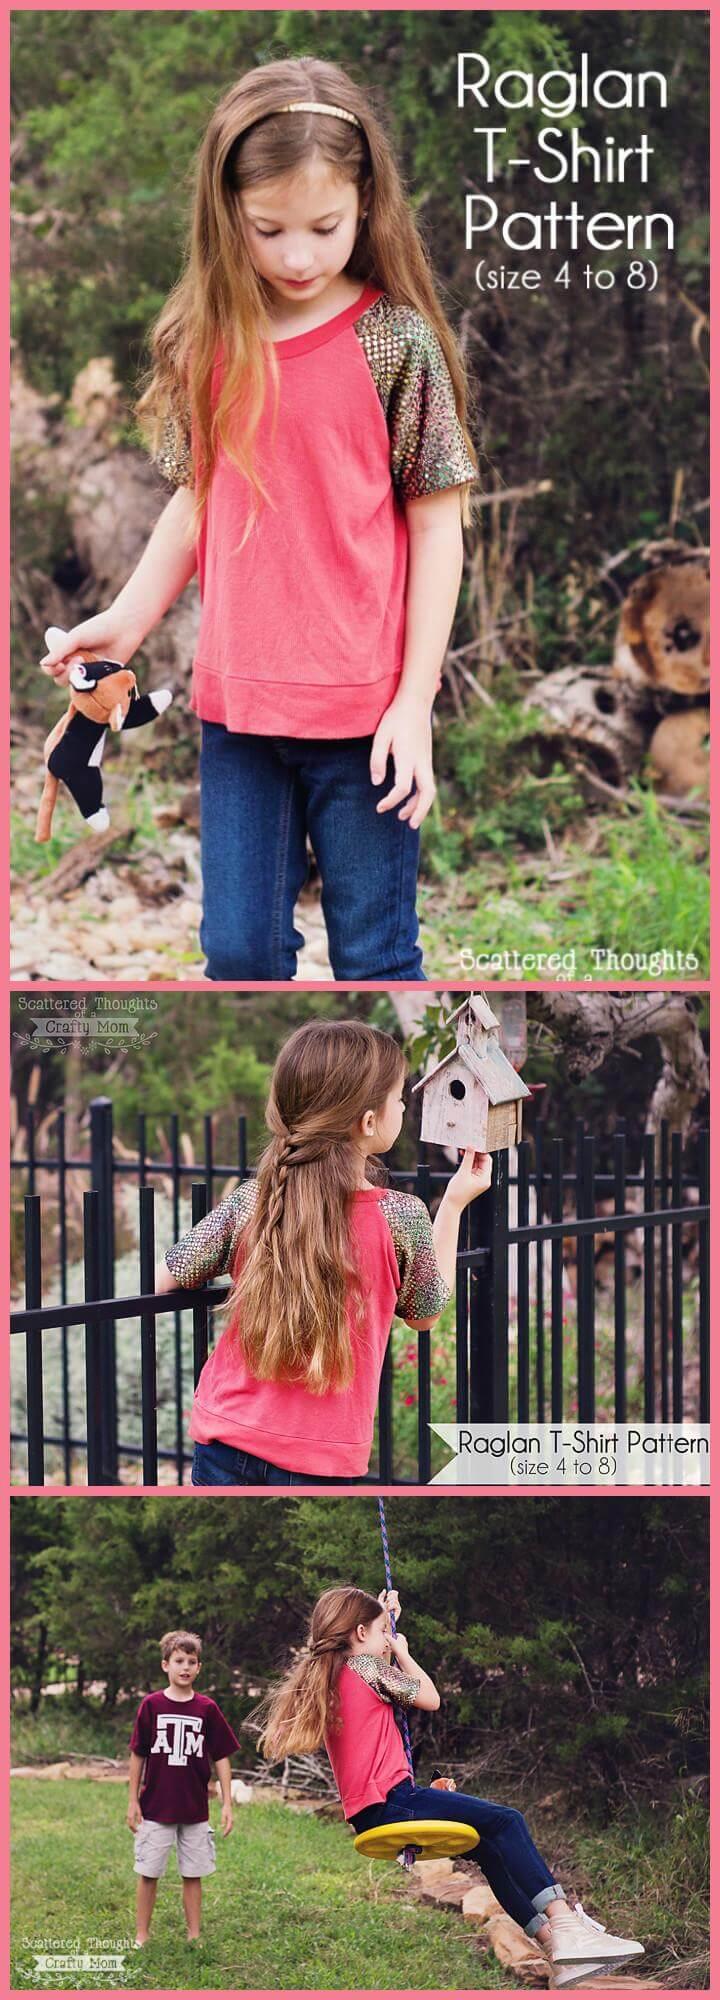 Tutorial y patrón gratuito de camiseta raglant de Easy Girls